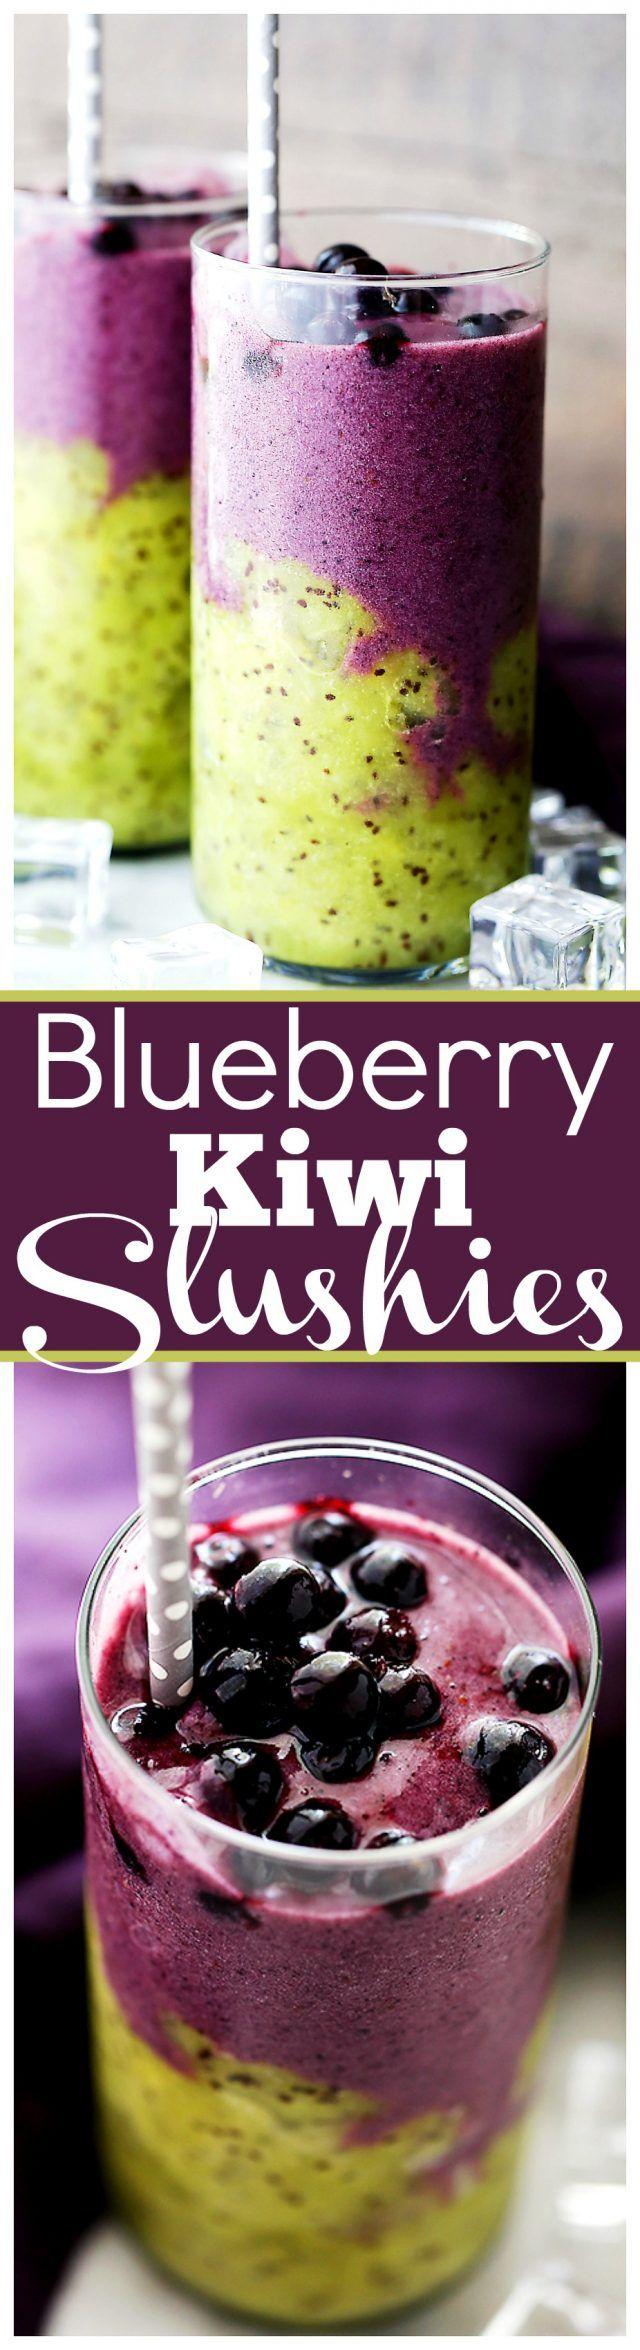 Blueberry Kiwi Slushies